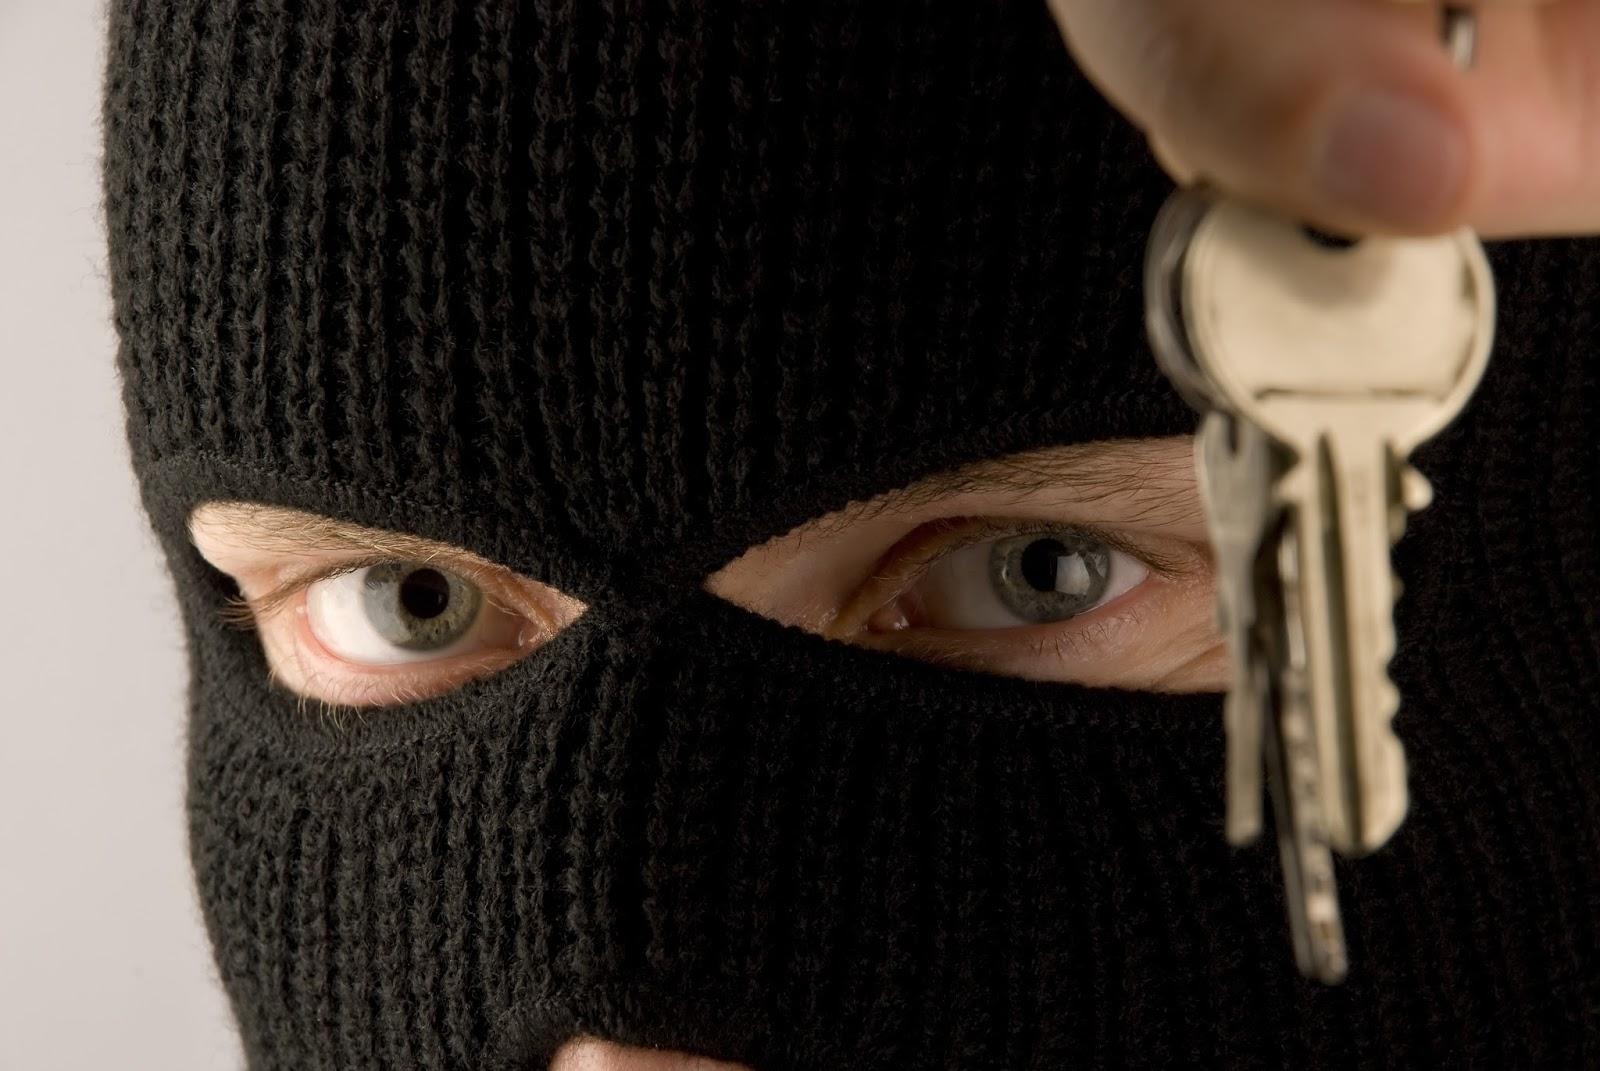 Burglar Holding Keys [152181411]